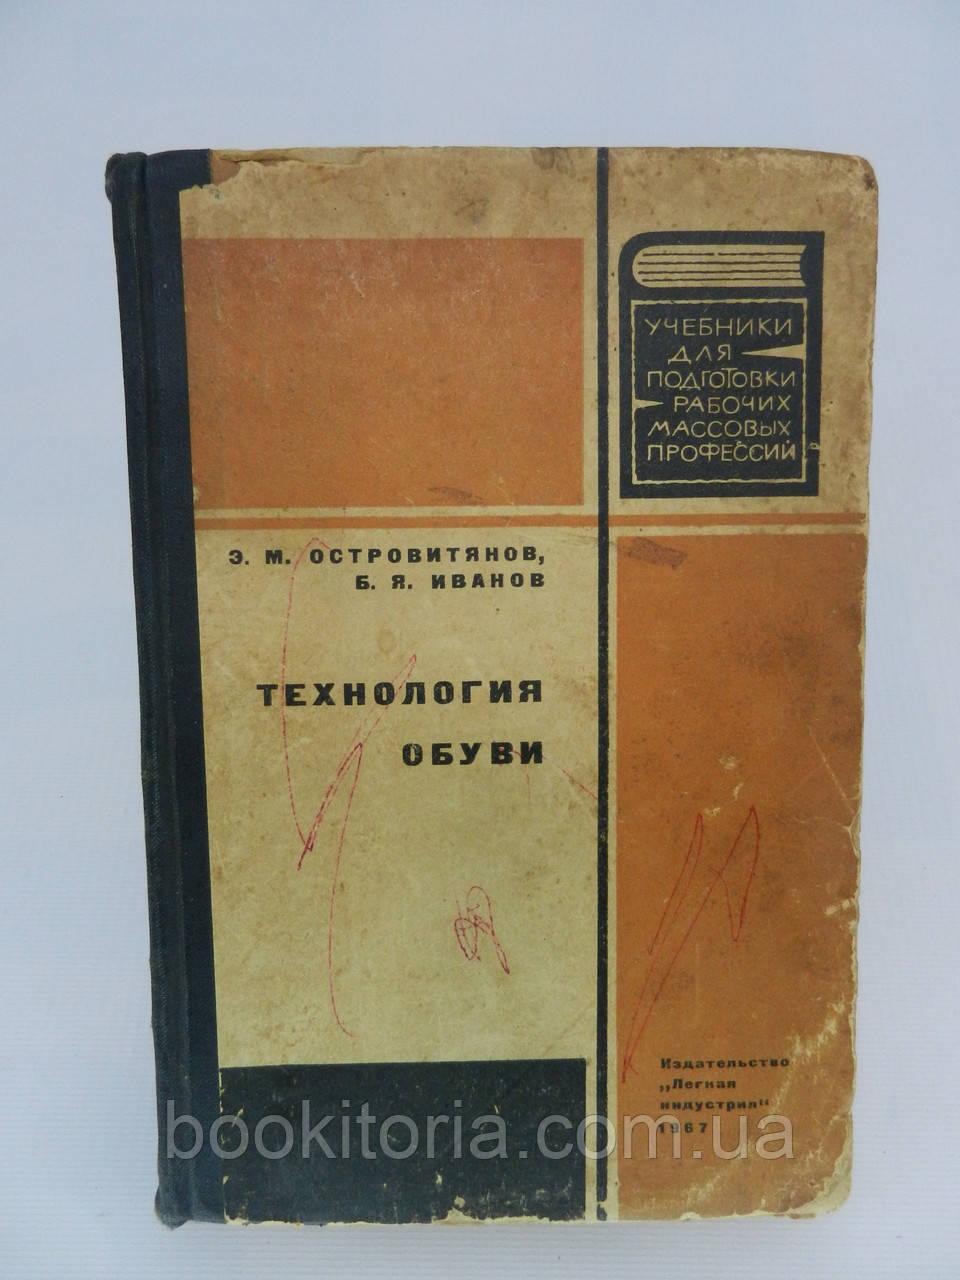 Островитянов Э.М., Иванов Б.Я. Технология обуви (б/у).